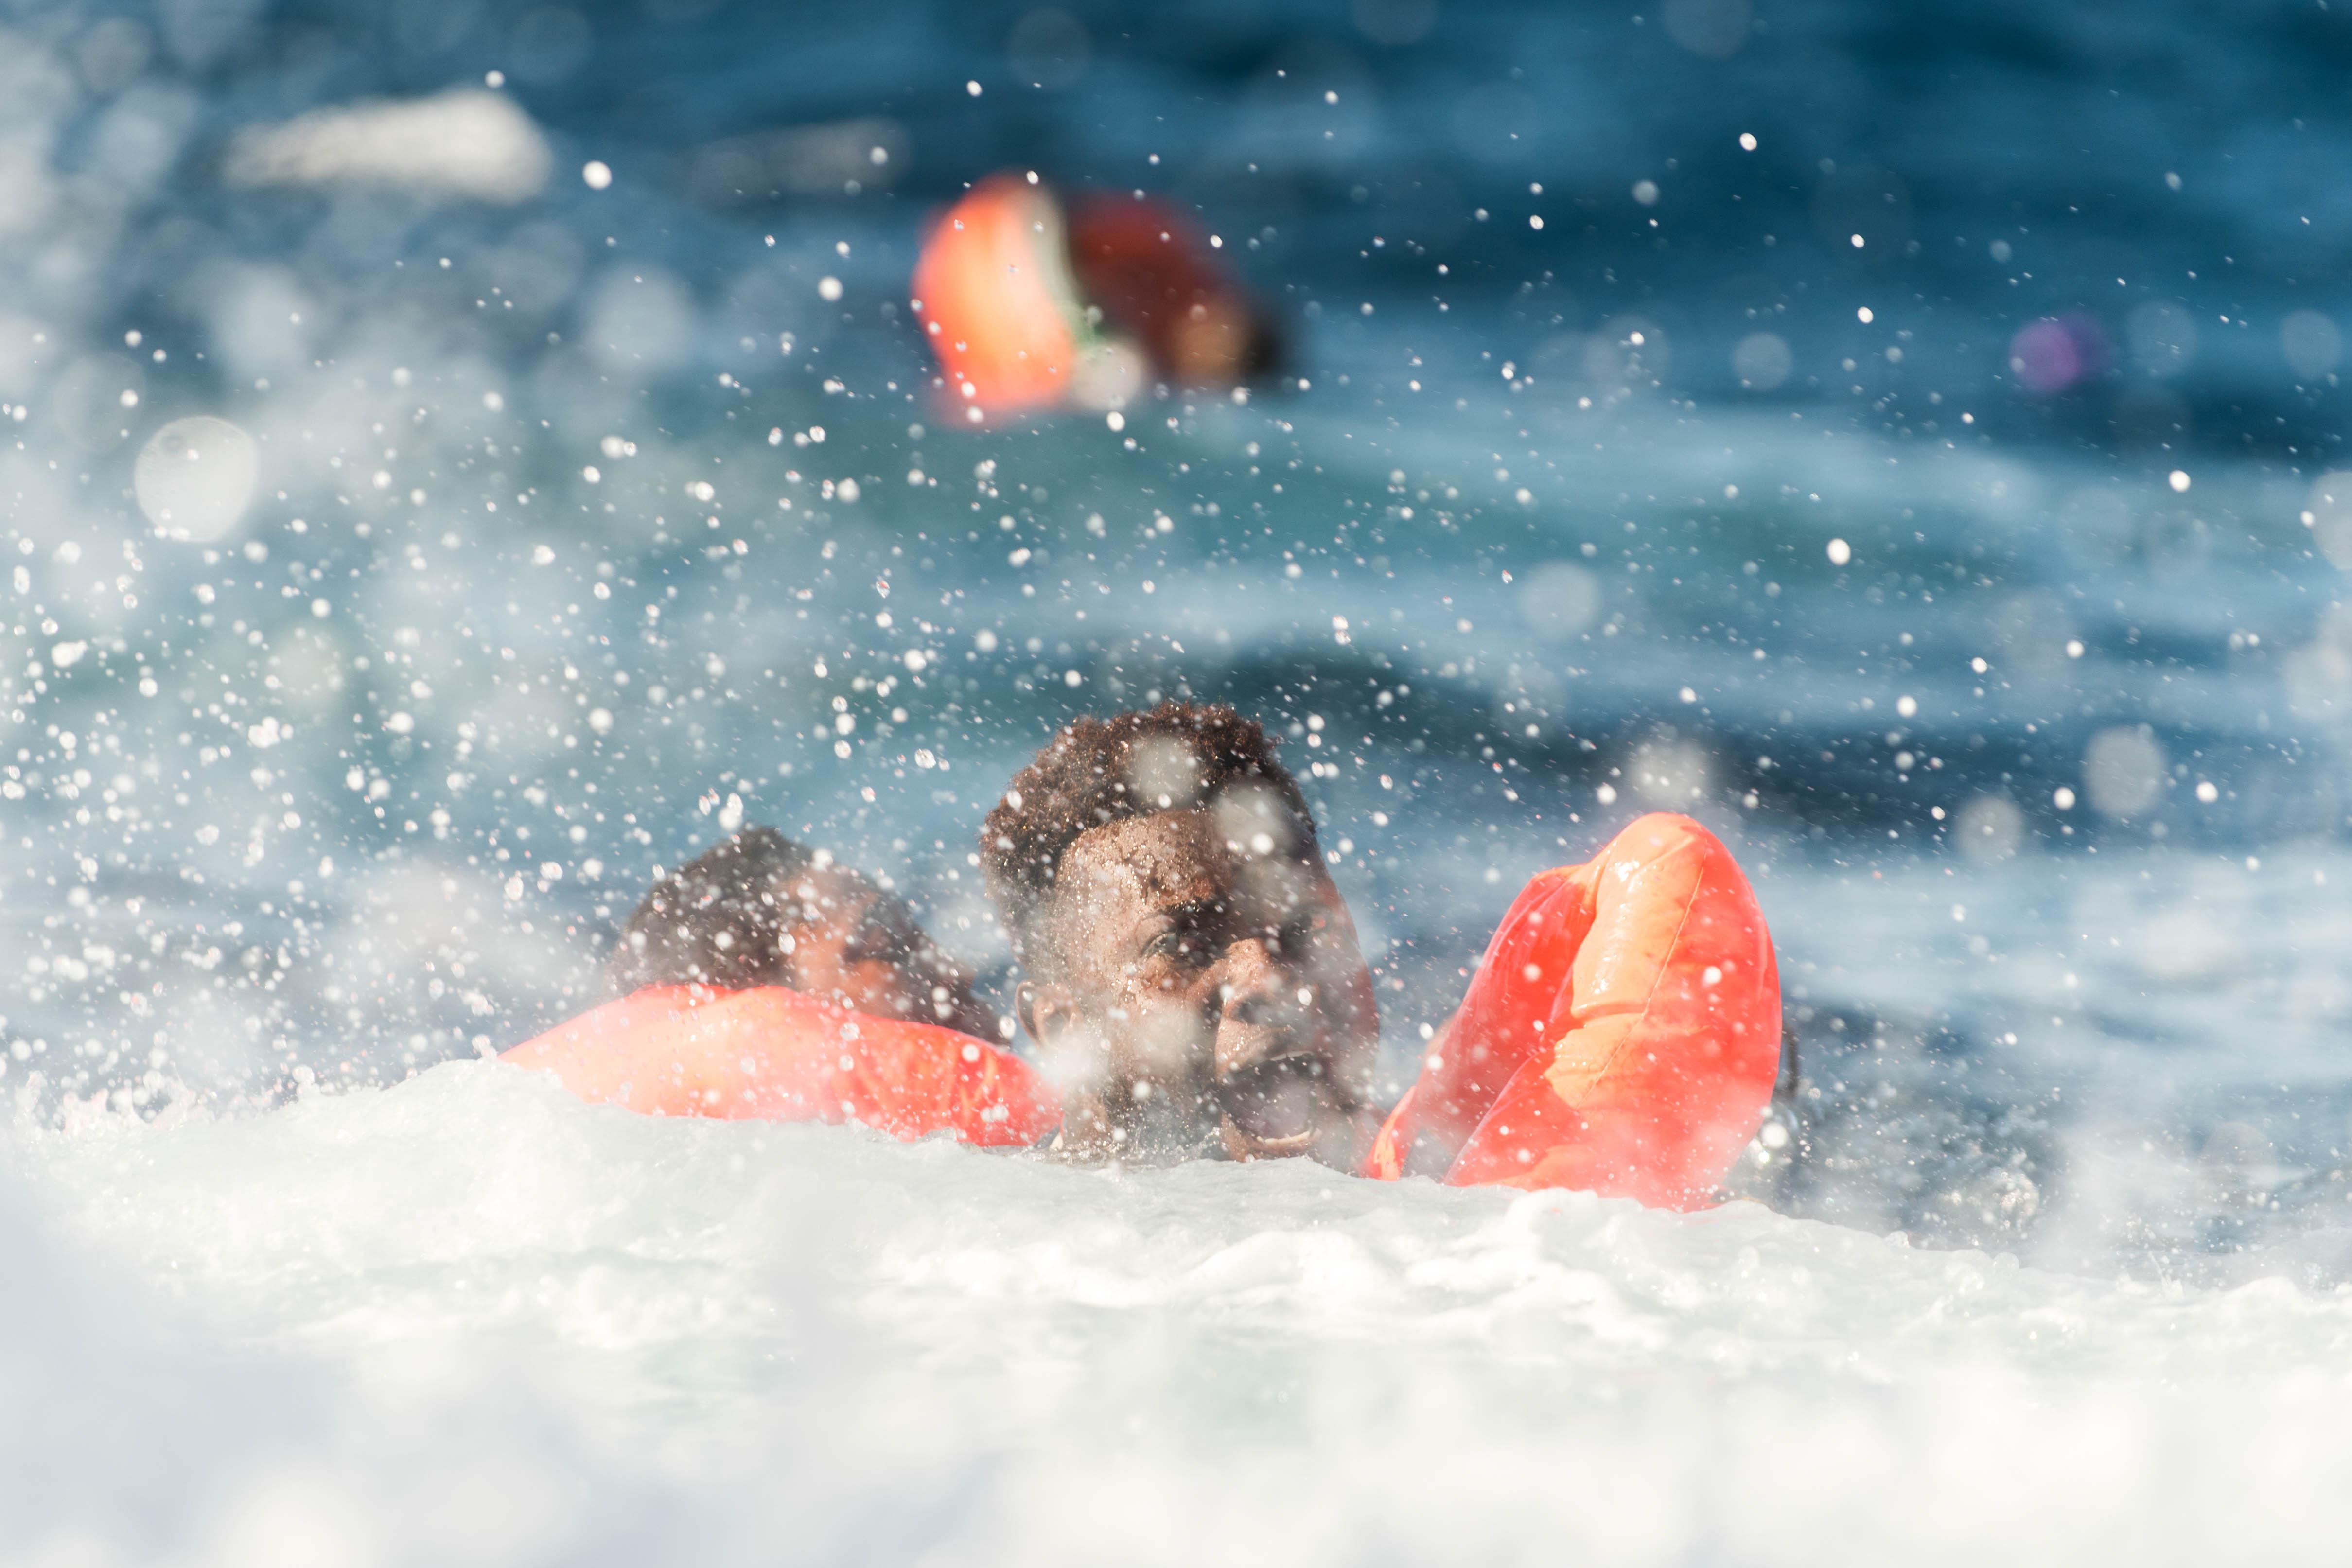 Le 27 janvier 2018, l'Aquarius a secouru 99 personnes en Méditerranée. Quand le bateau est arrivé sur le lieu du naufrage, des dizaines de personnes étaient déjà à l'eau. Un nombre indéterminé d'hommes, de femmes et d'enfants sont portés disparus, présumés noyés.  © Laurin Schmid/SOS Méditerranée, 27 janvier 2018